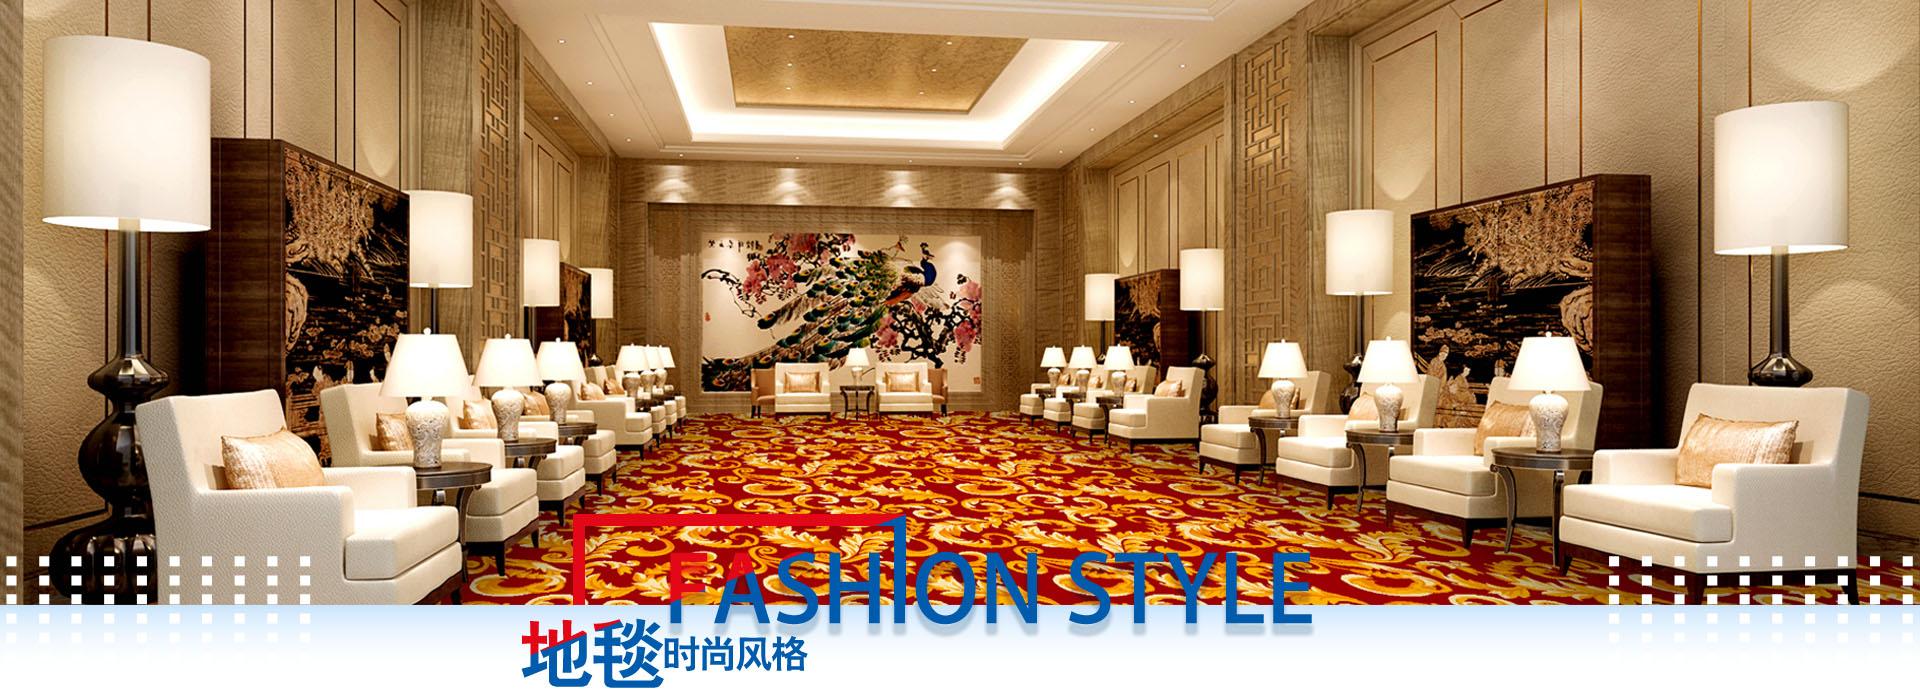 会议室地毯